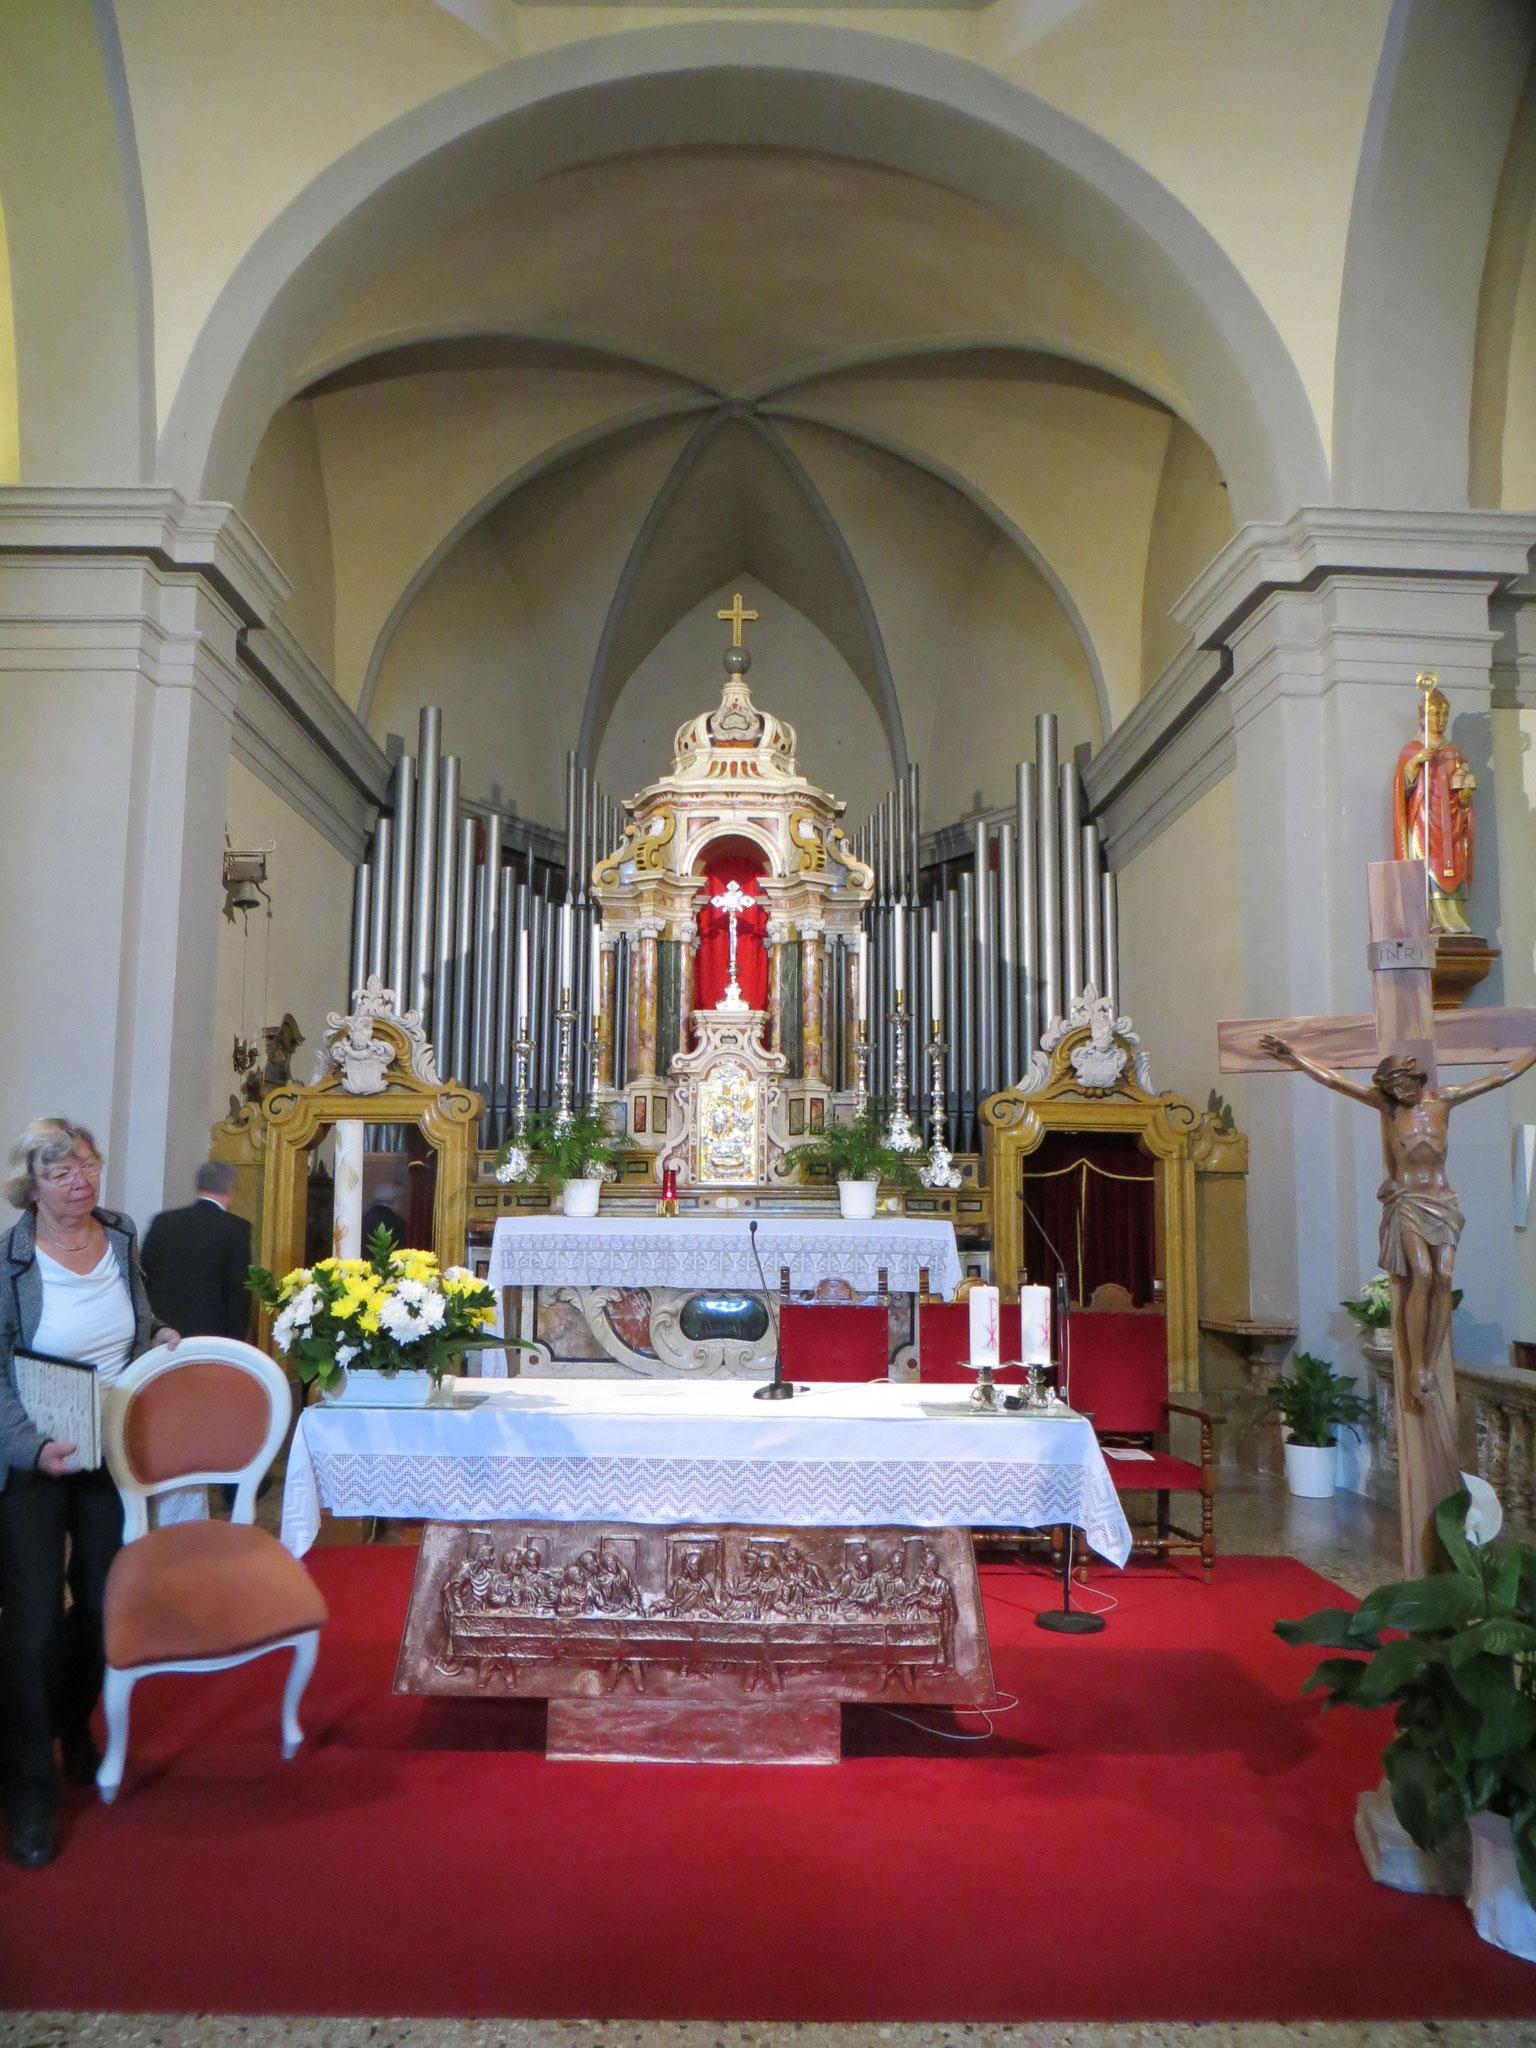 Kirchenkonzert am Sonntag in den Bergen in der Kirche San Vigilio in Nago.